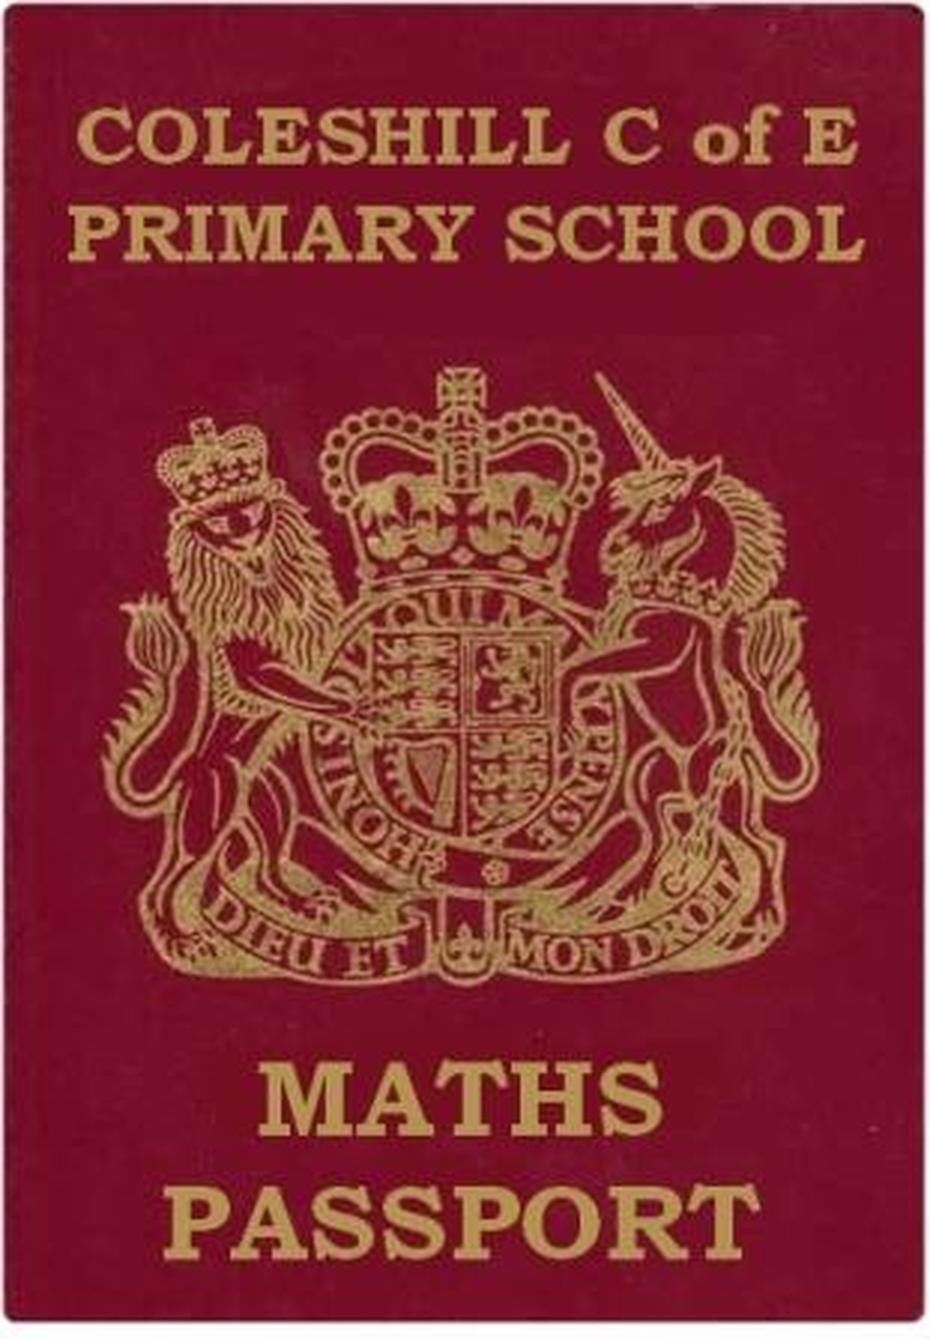 Maths Passport